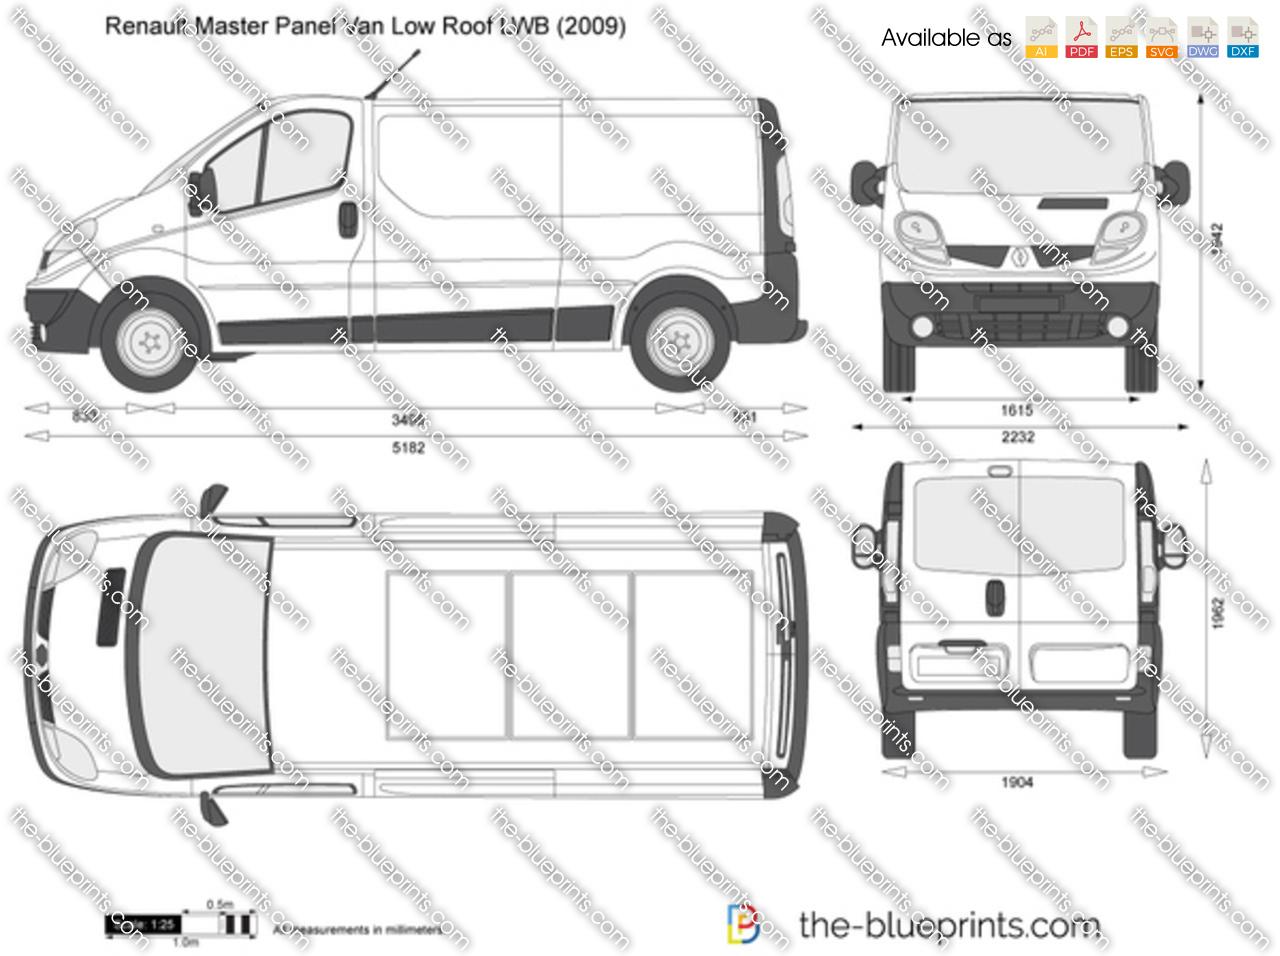 Renault Trafic Panel Van Low Roof LWB 2007